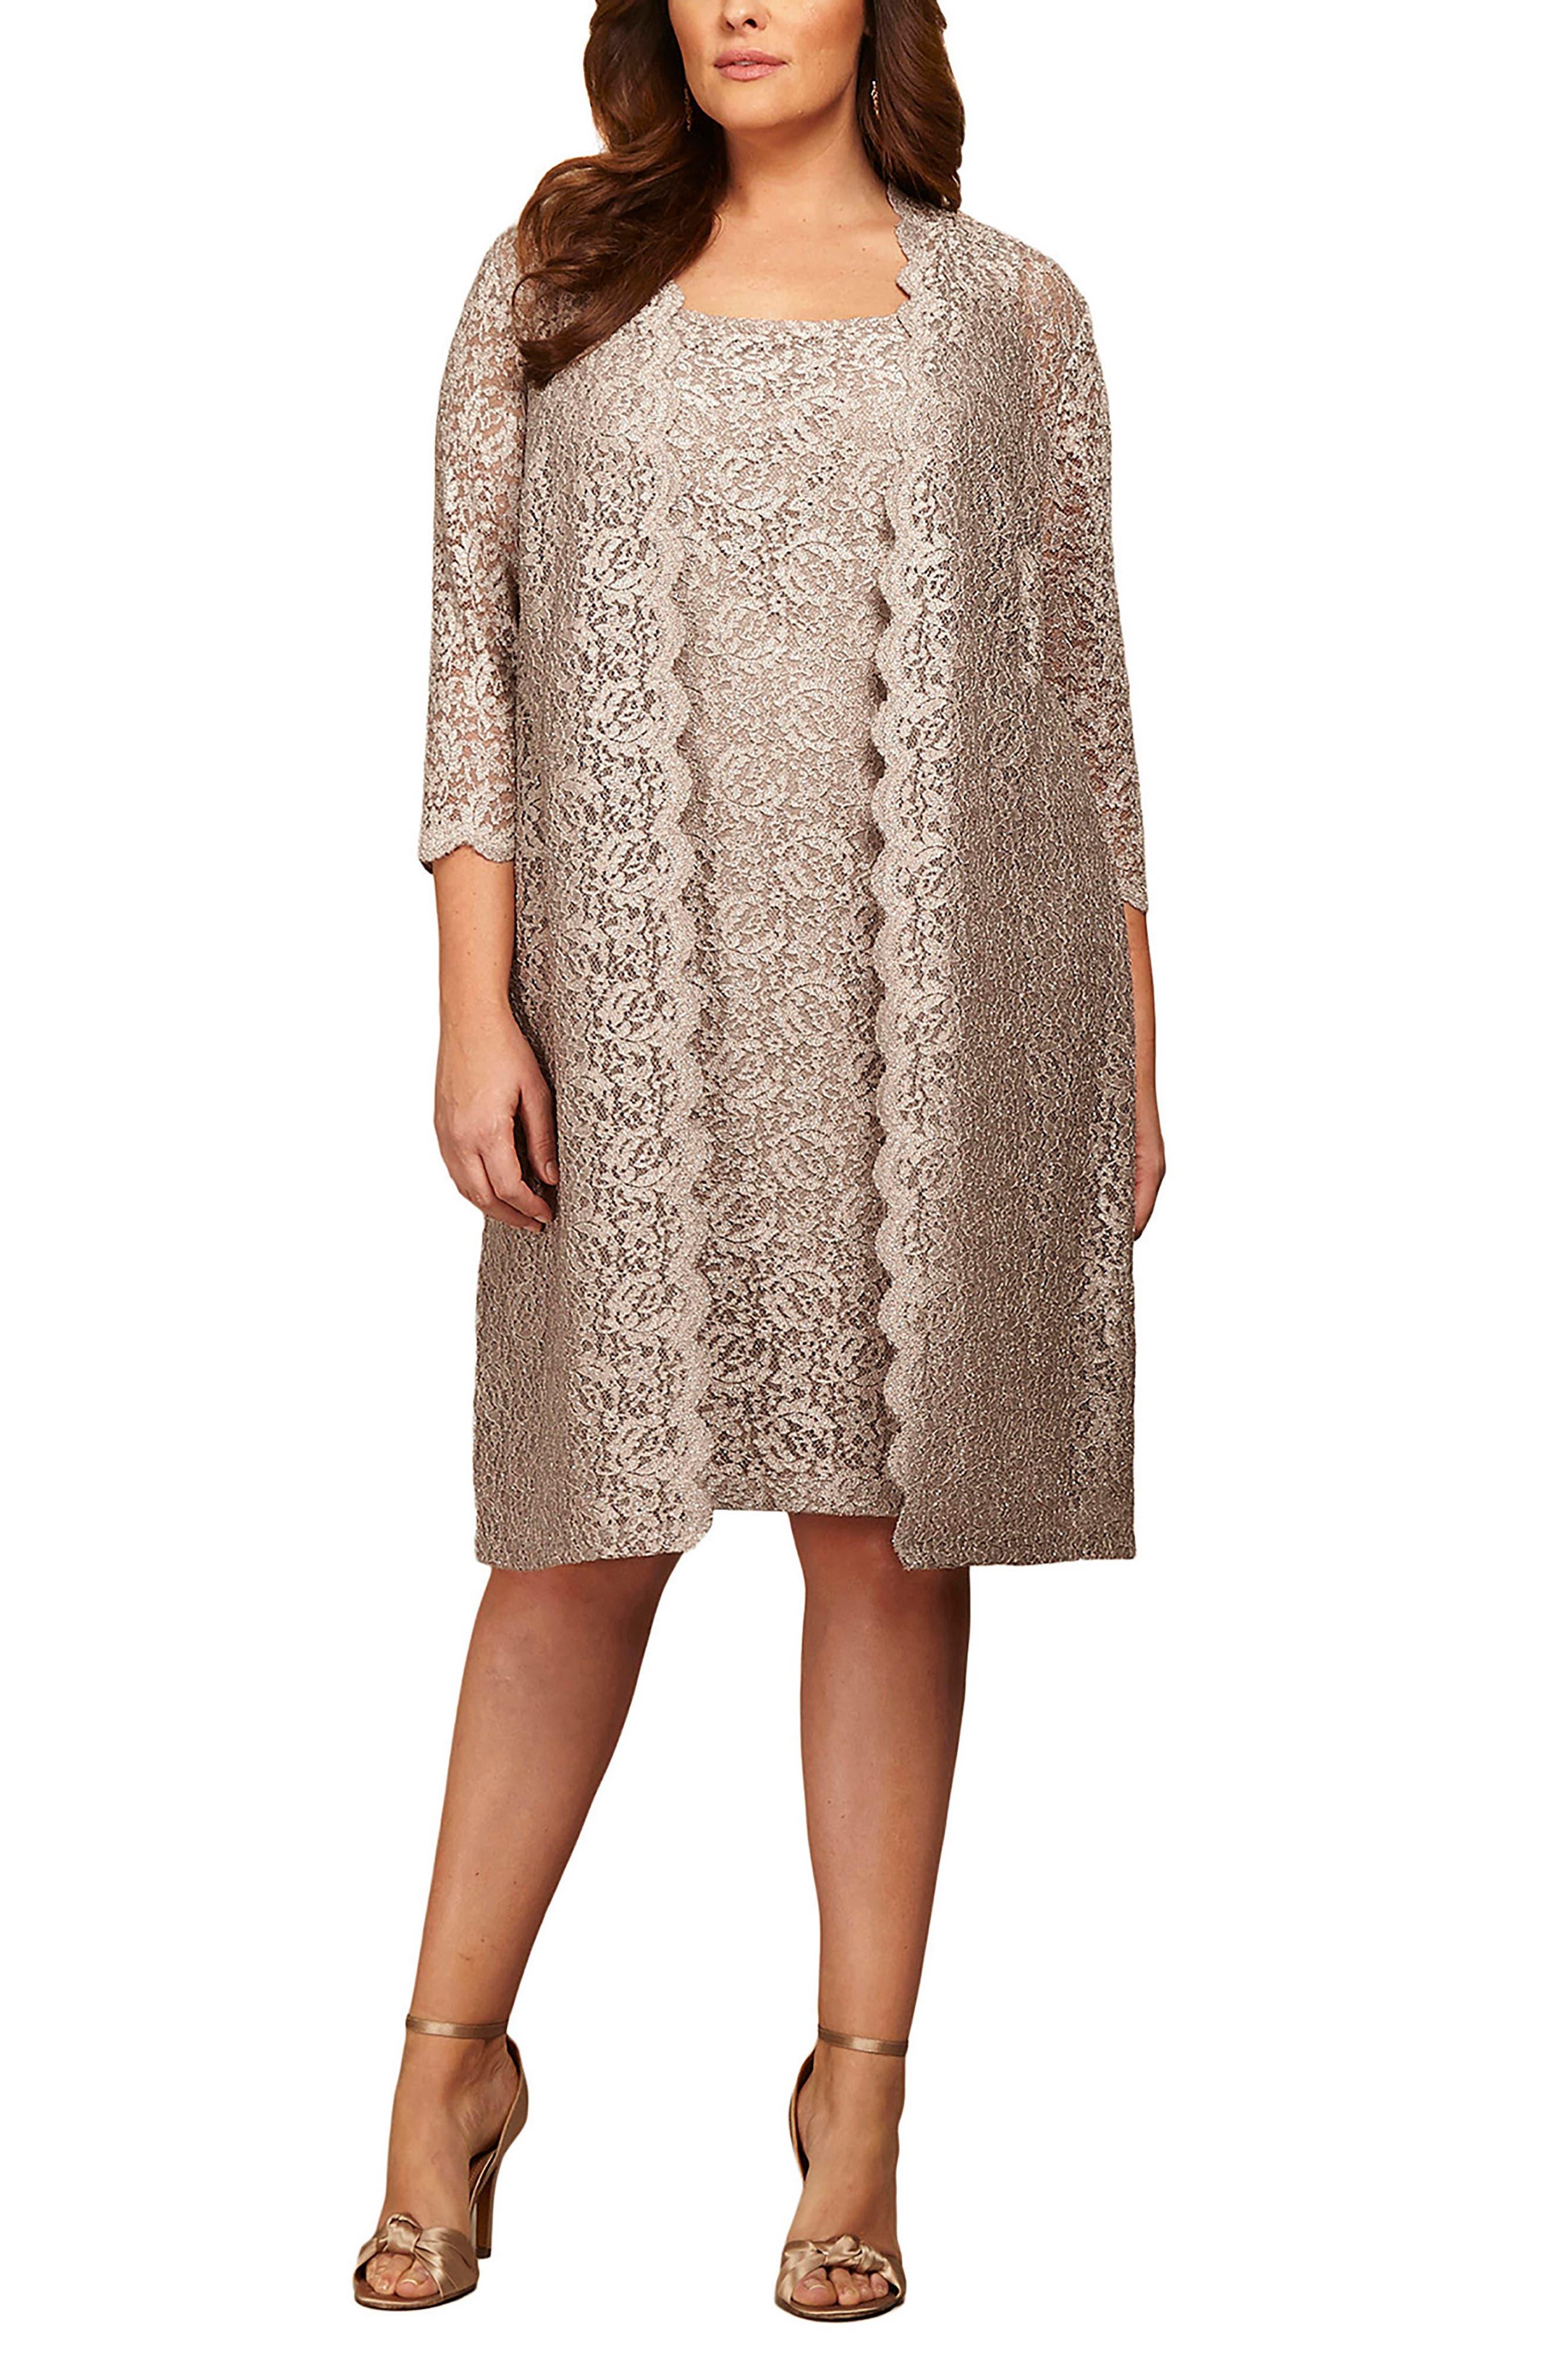 60s Dresses | 1960s Dresses Mod, Mini, Hippie Plus Size Womens Alex Evenings Lace Jacket Dress $219.00 AT vintagedancer.com